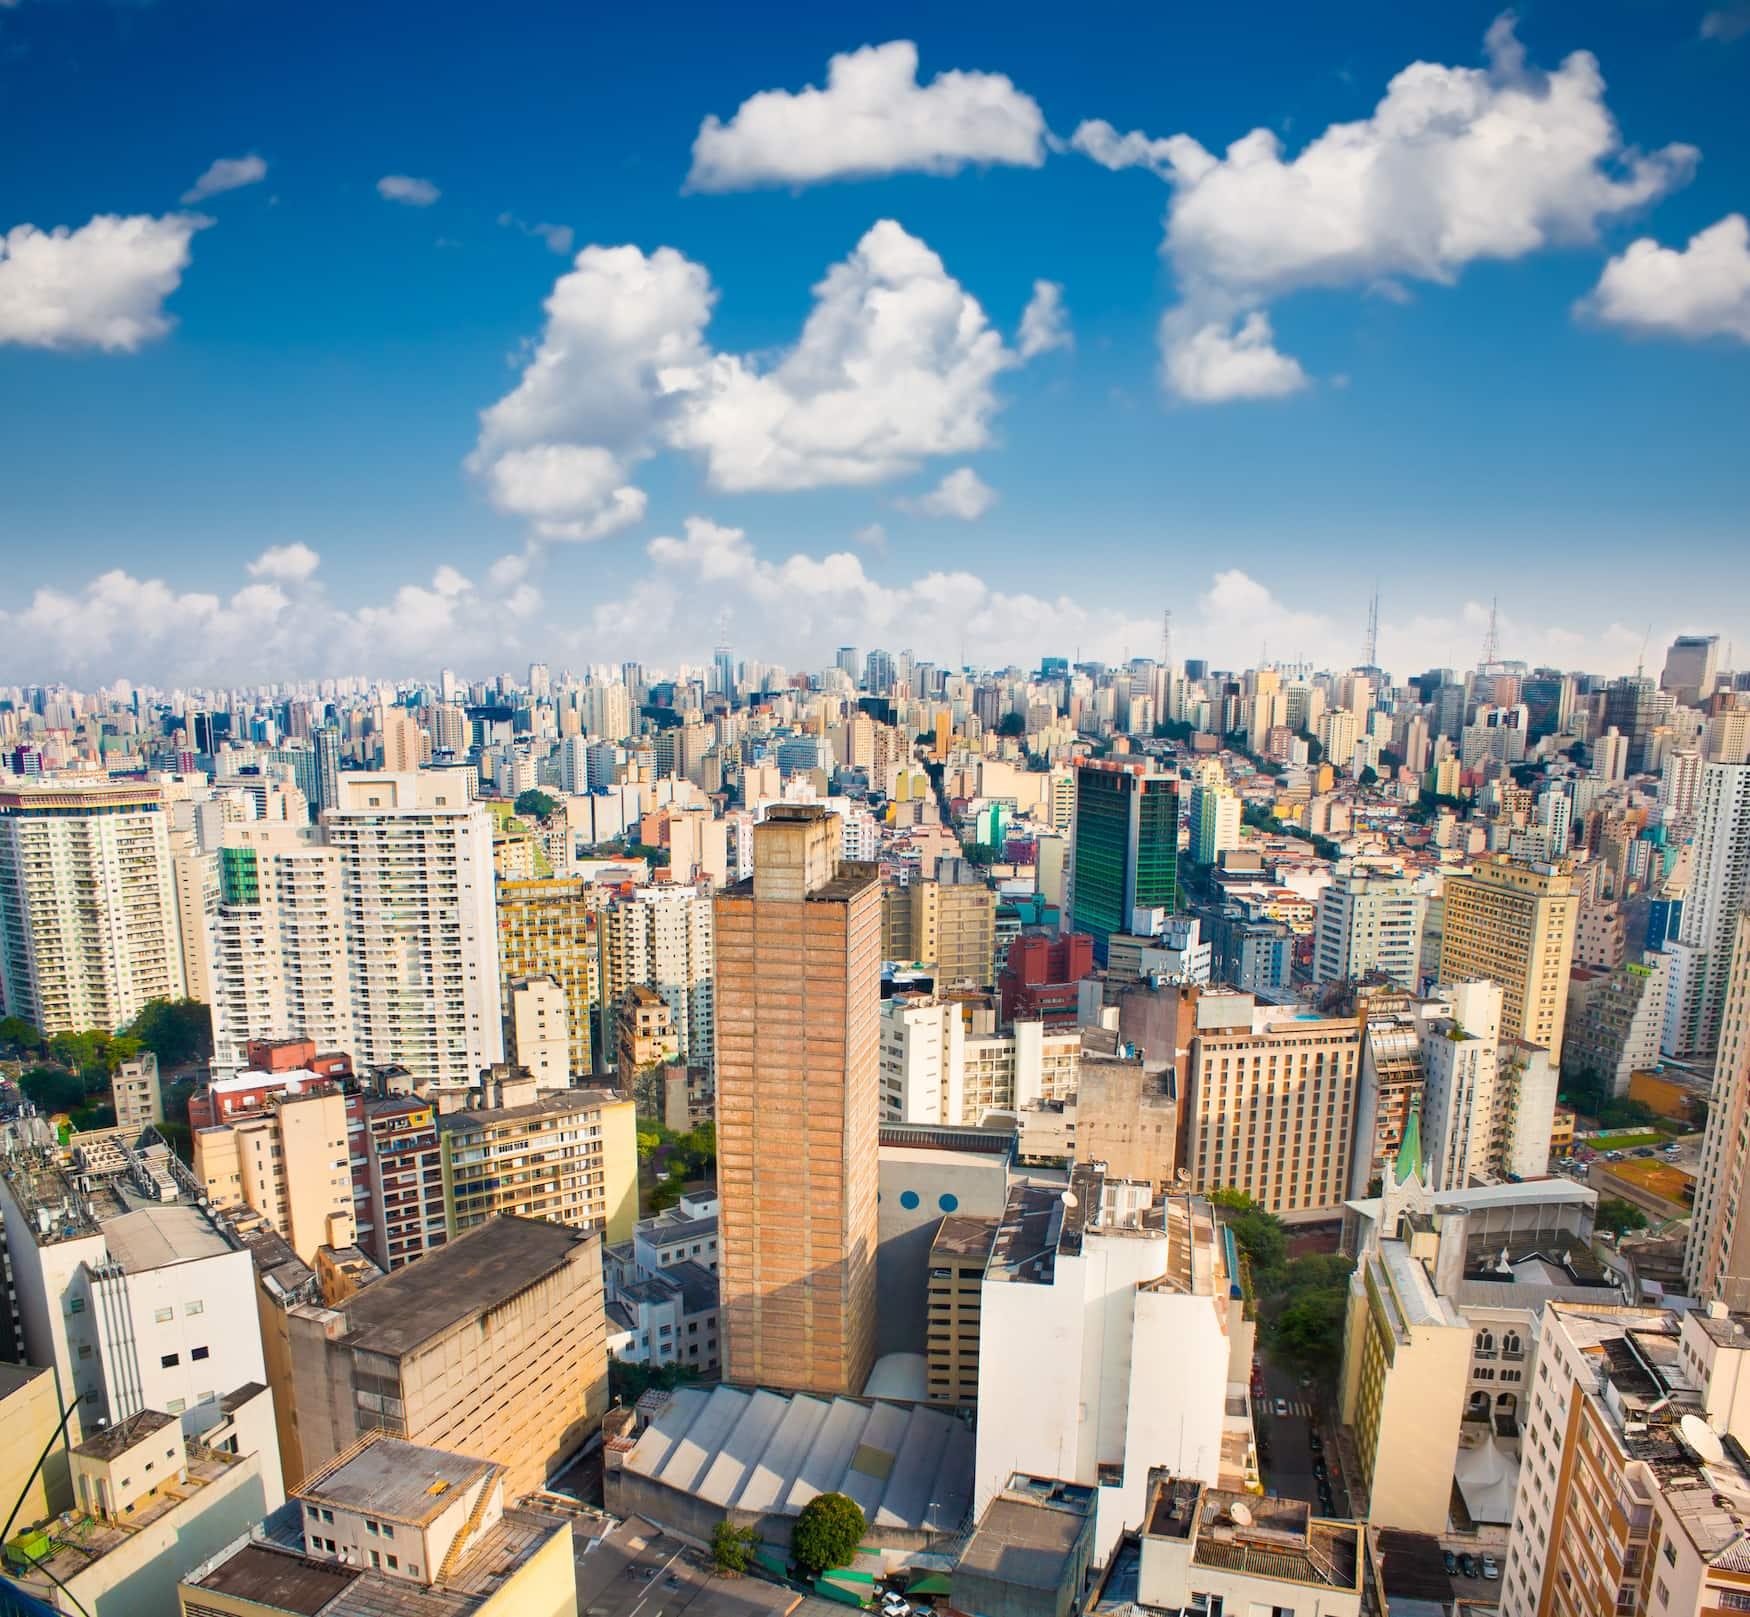 Blick auf die Hochhäuser in Sao paolo an einem sonnigen Tag